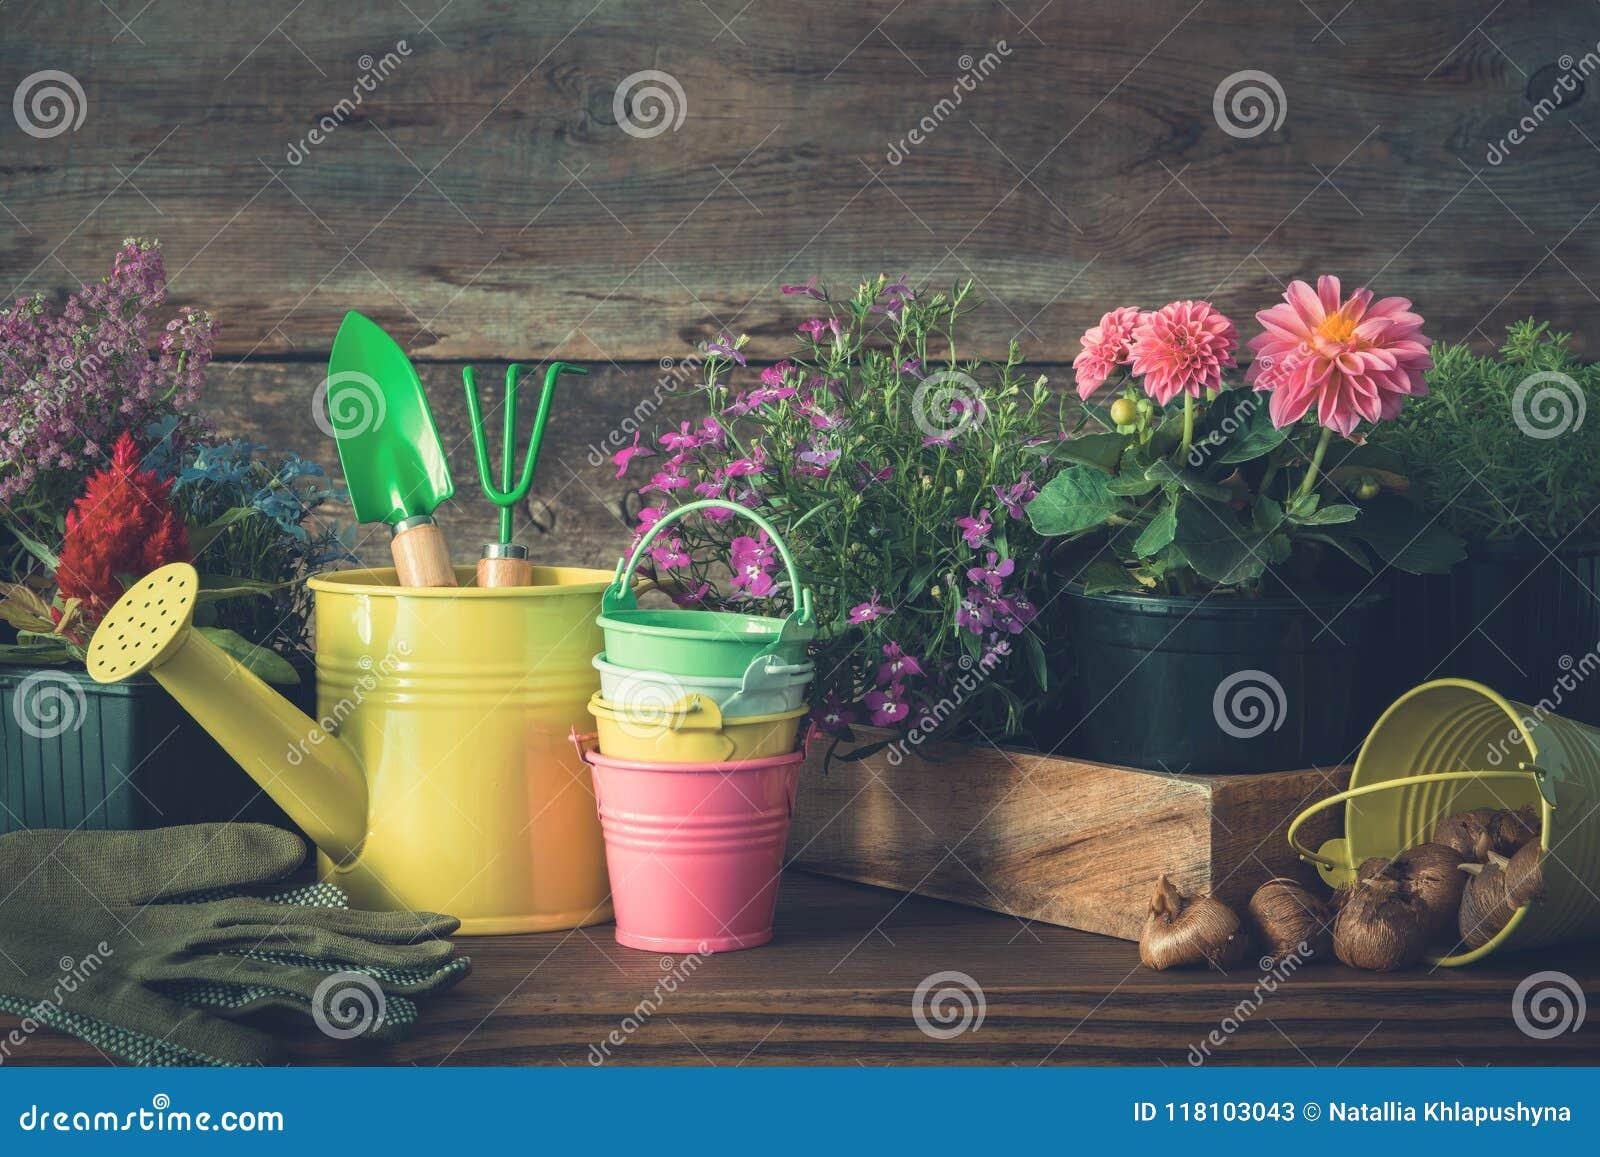 Seedlings of garden plants and flowers in flowerpots. Watering can, buckets, shovel, rake, gloves.